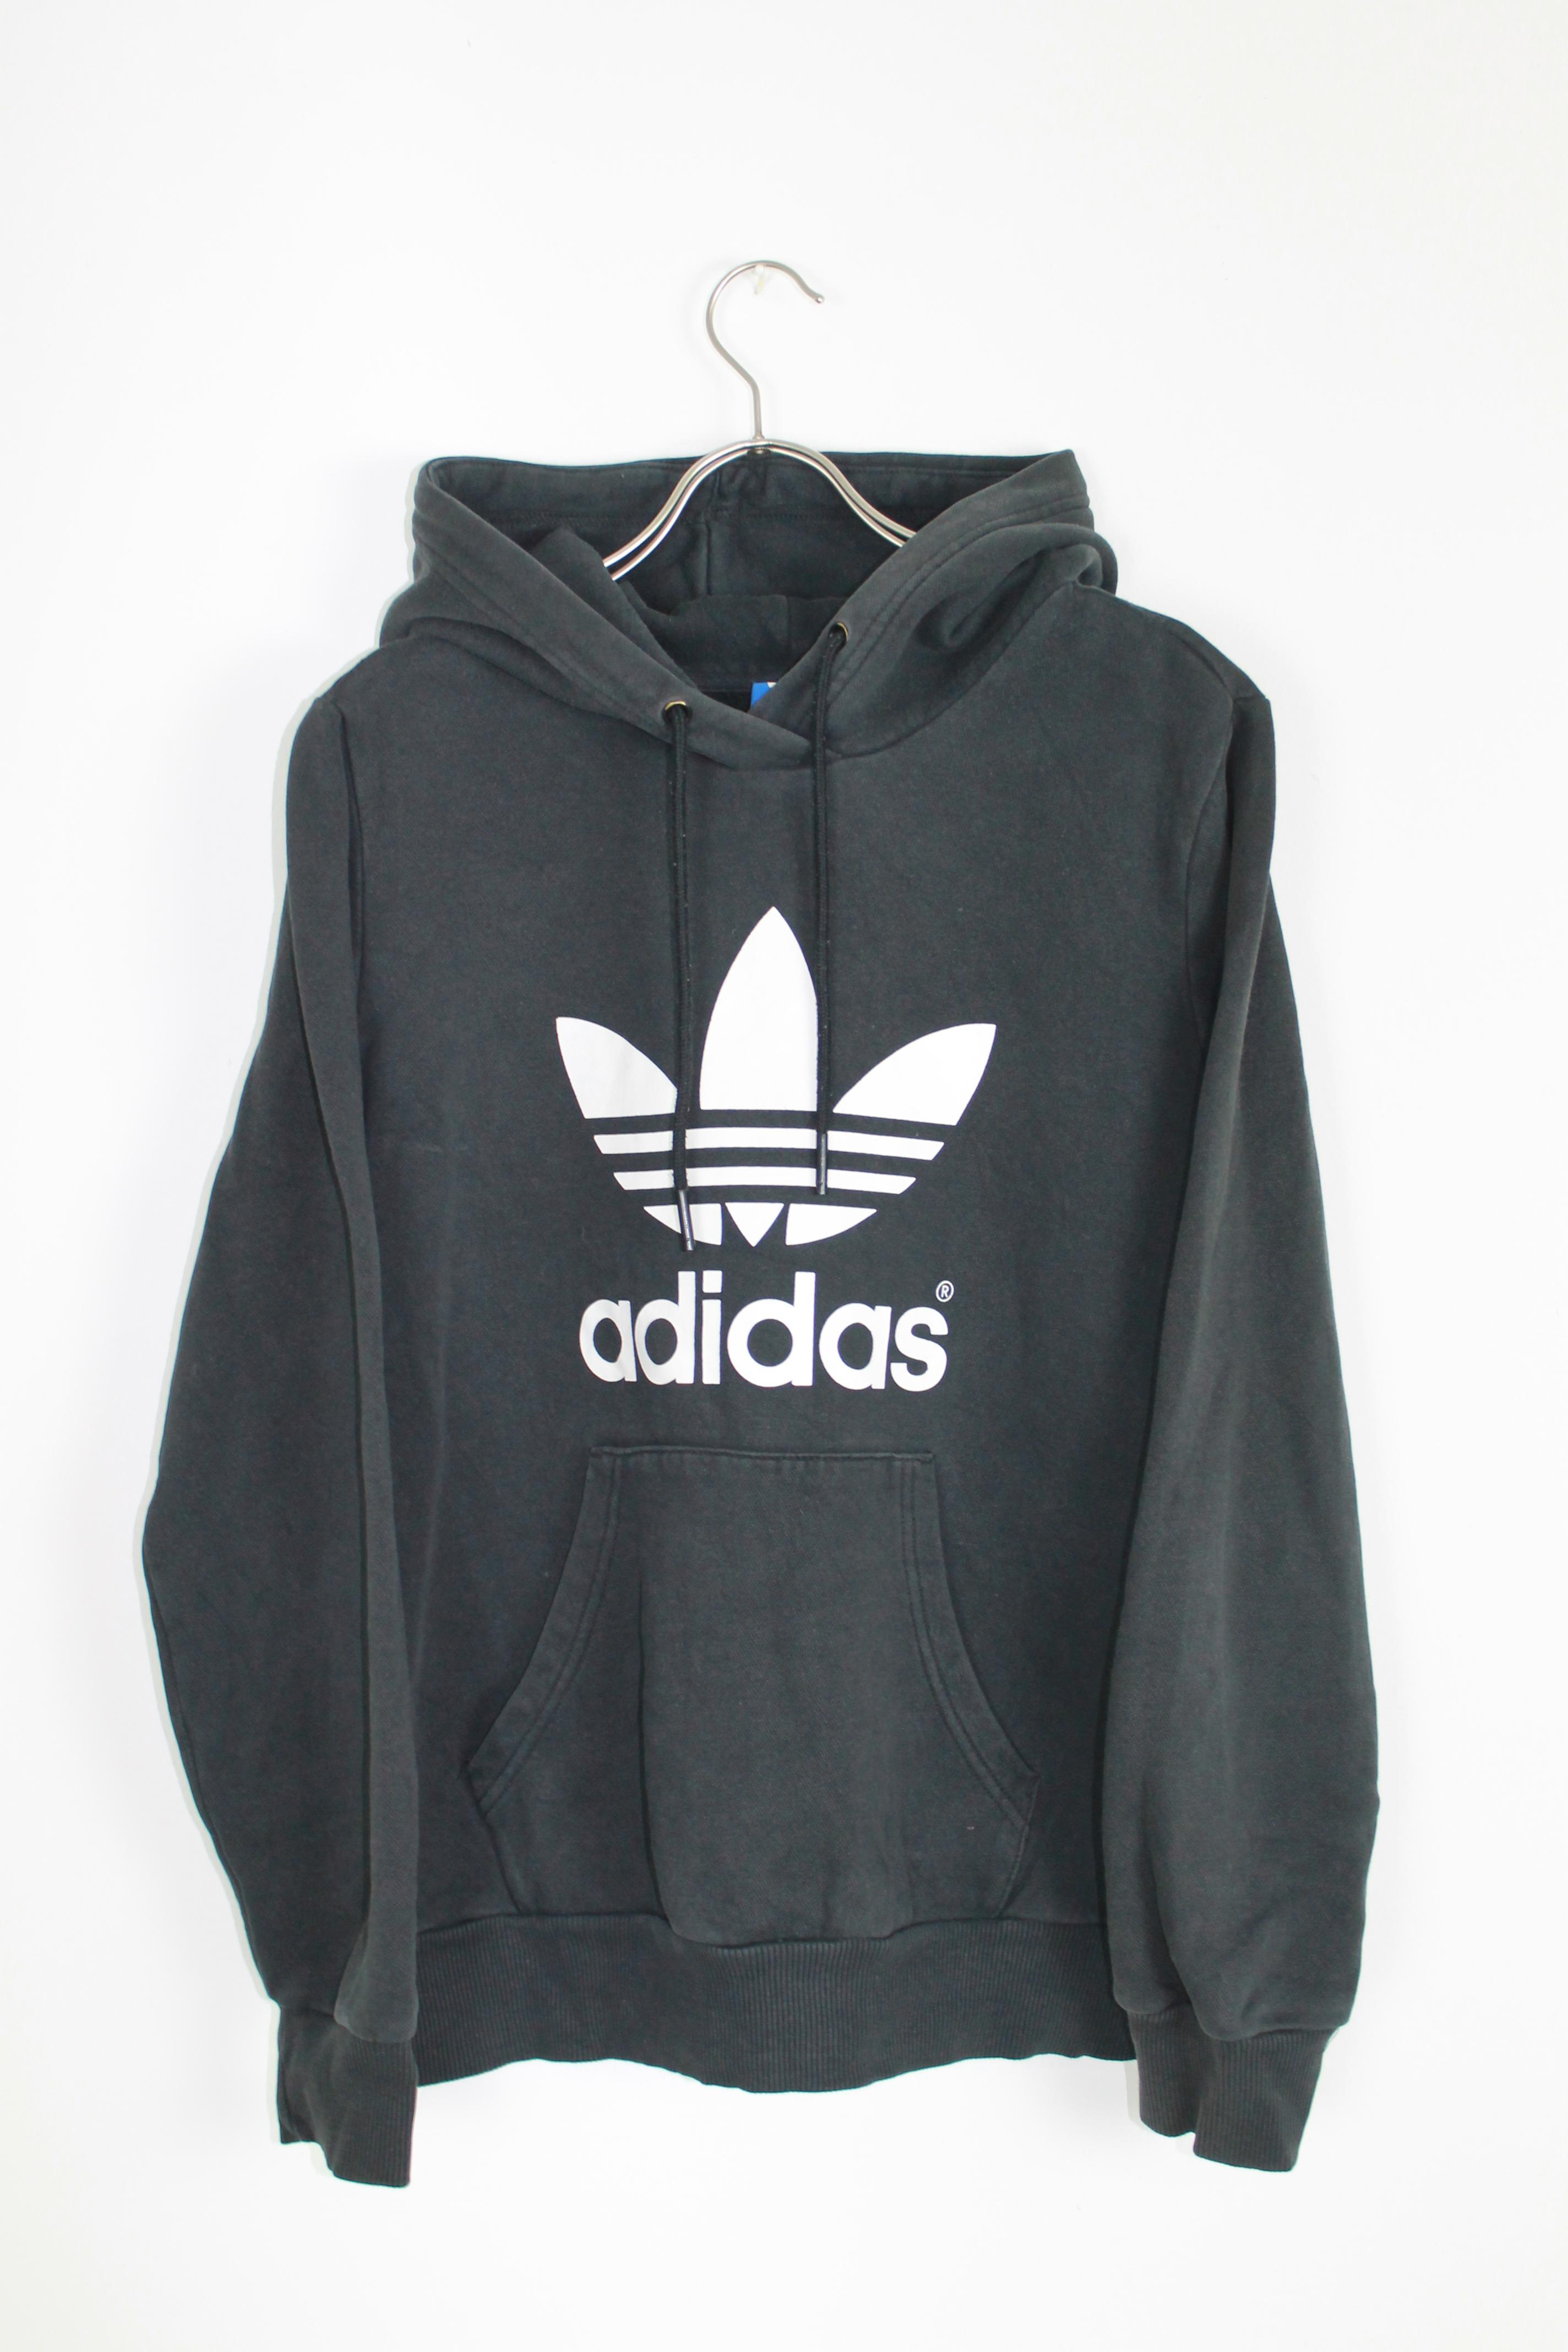 Adidas - Felpa con cappuccio